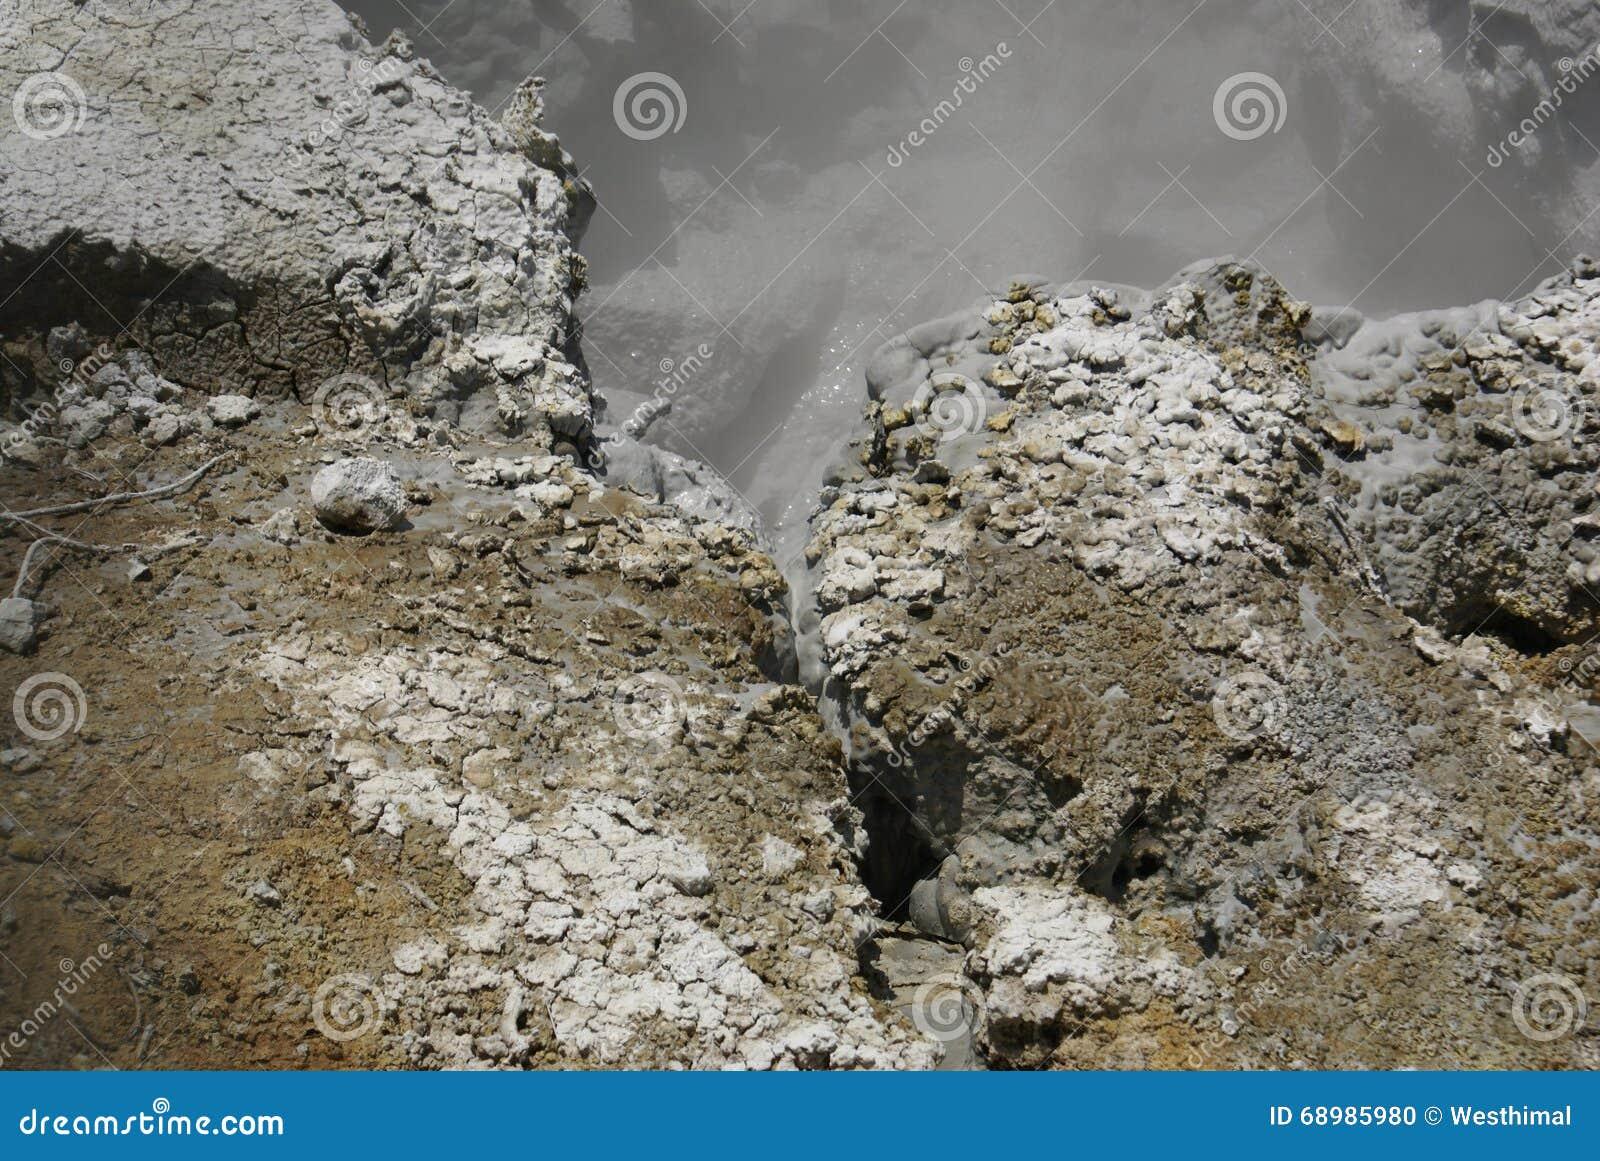 El azufre trabaja en el parque nacional volcánico de Lassen, California